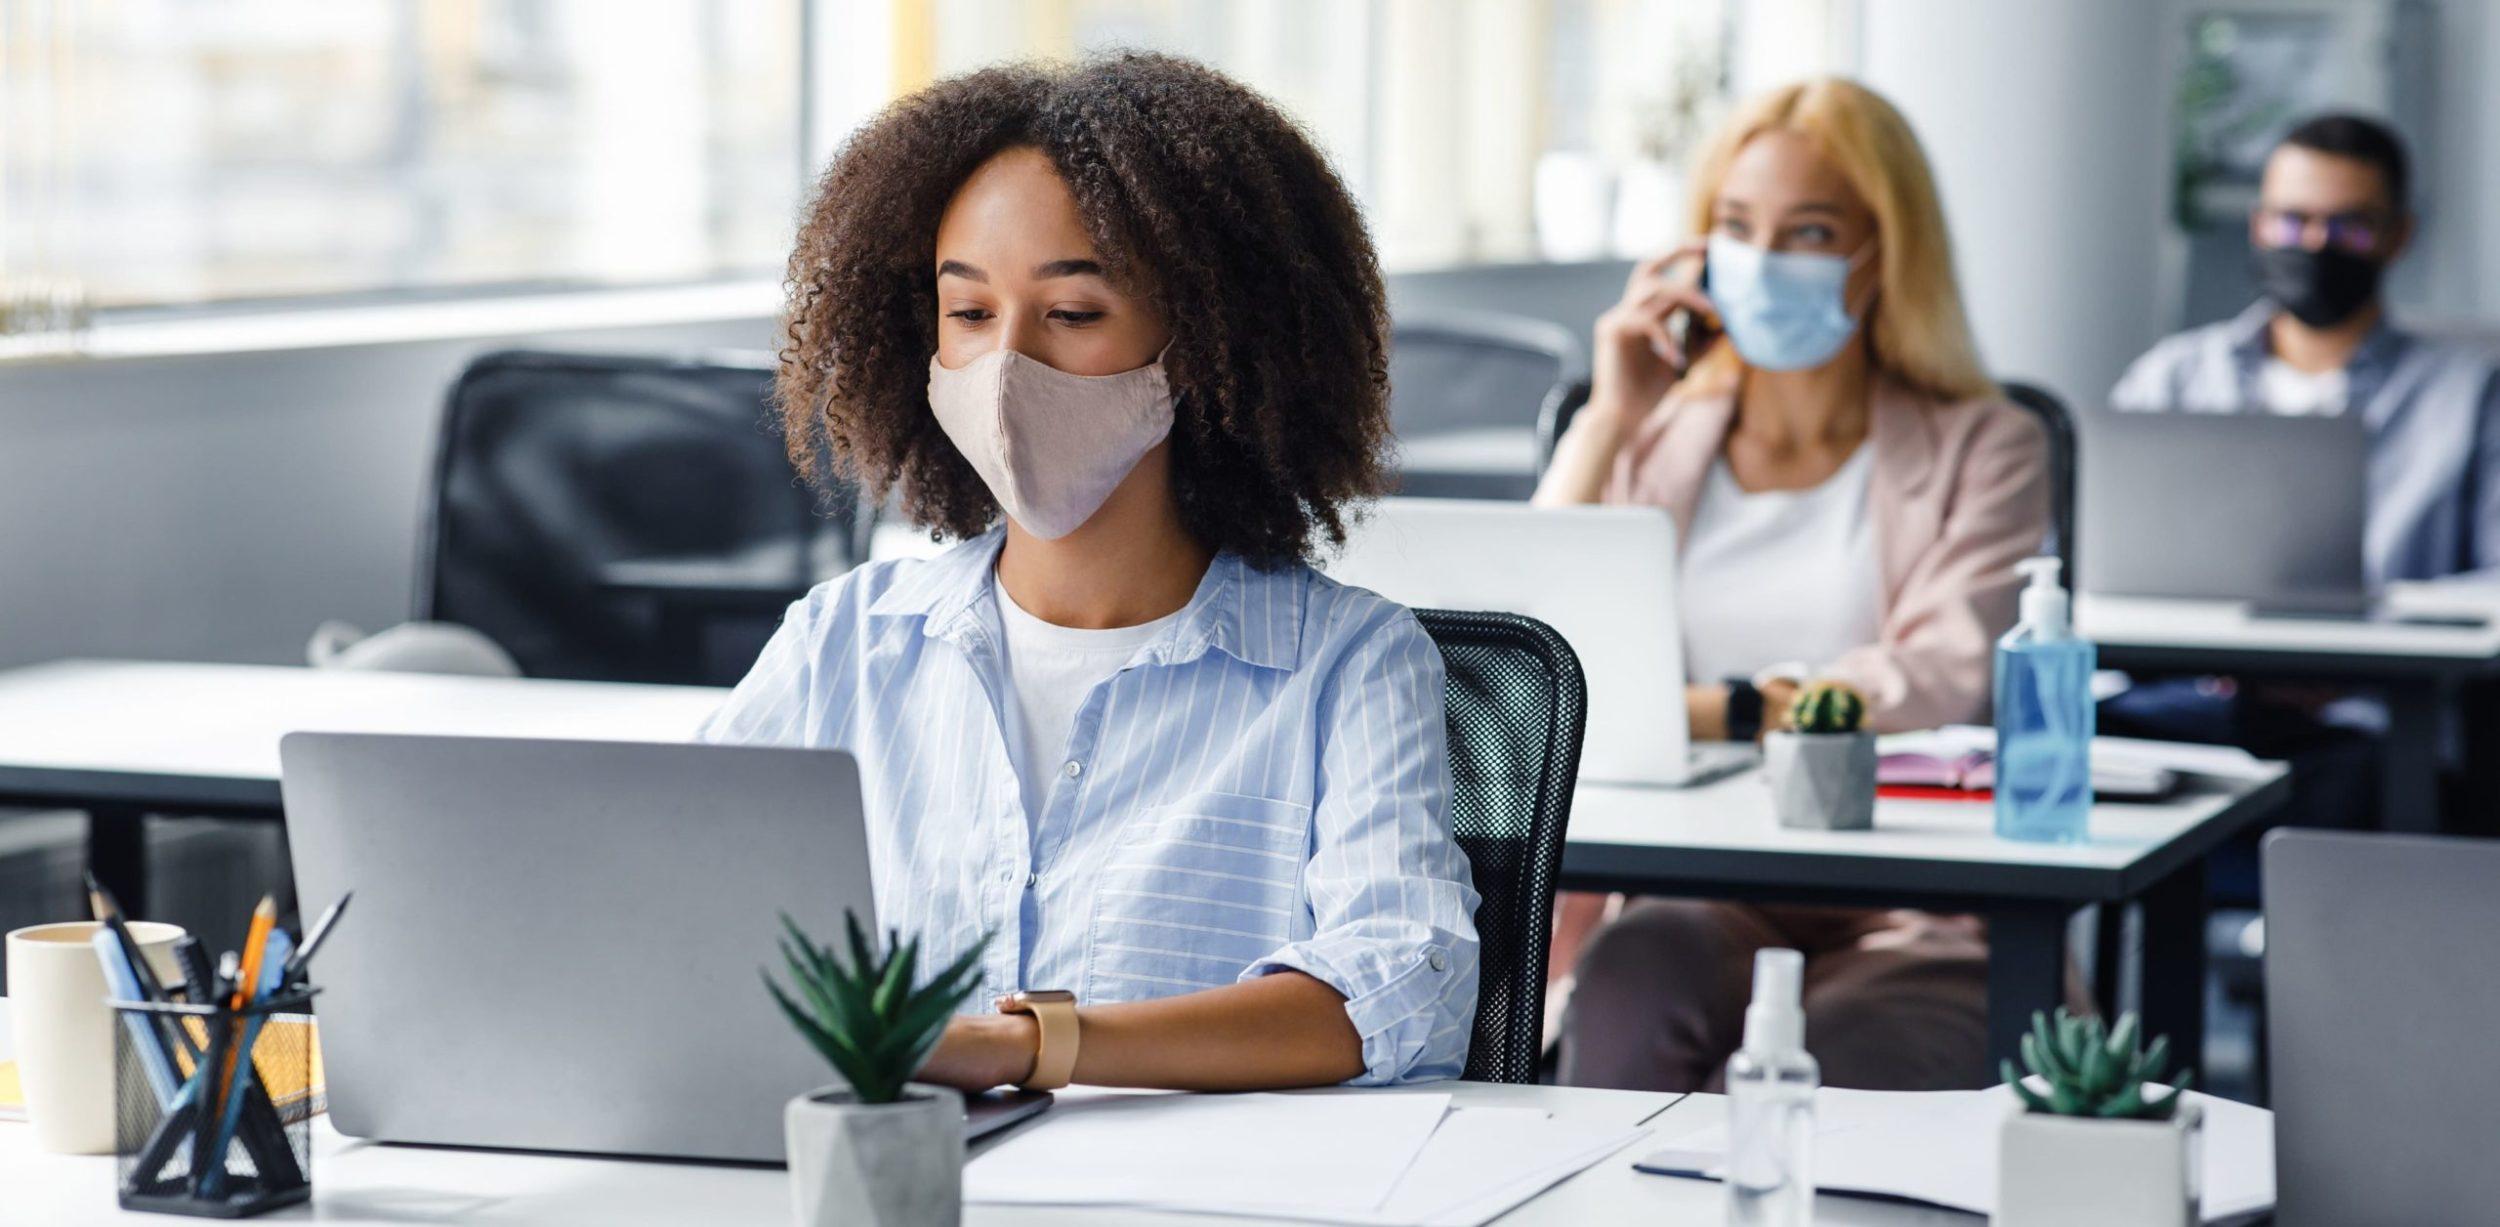 Nouveau protocole sanitaire pour les entreprises